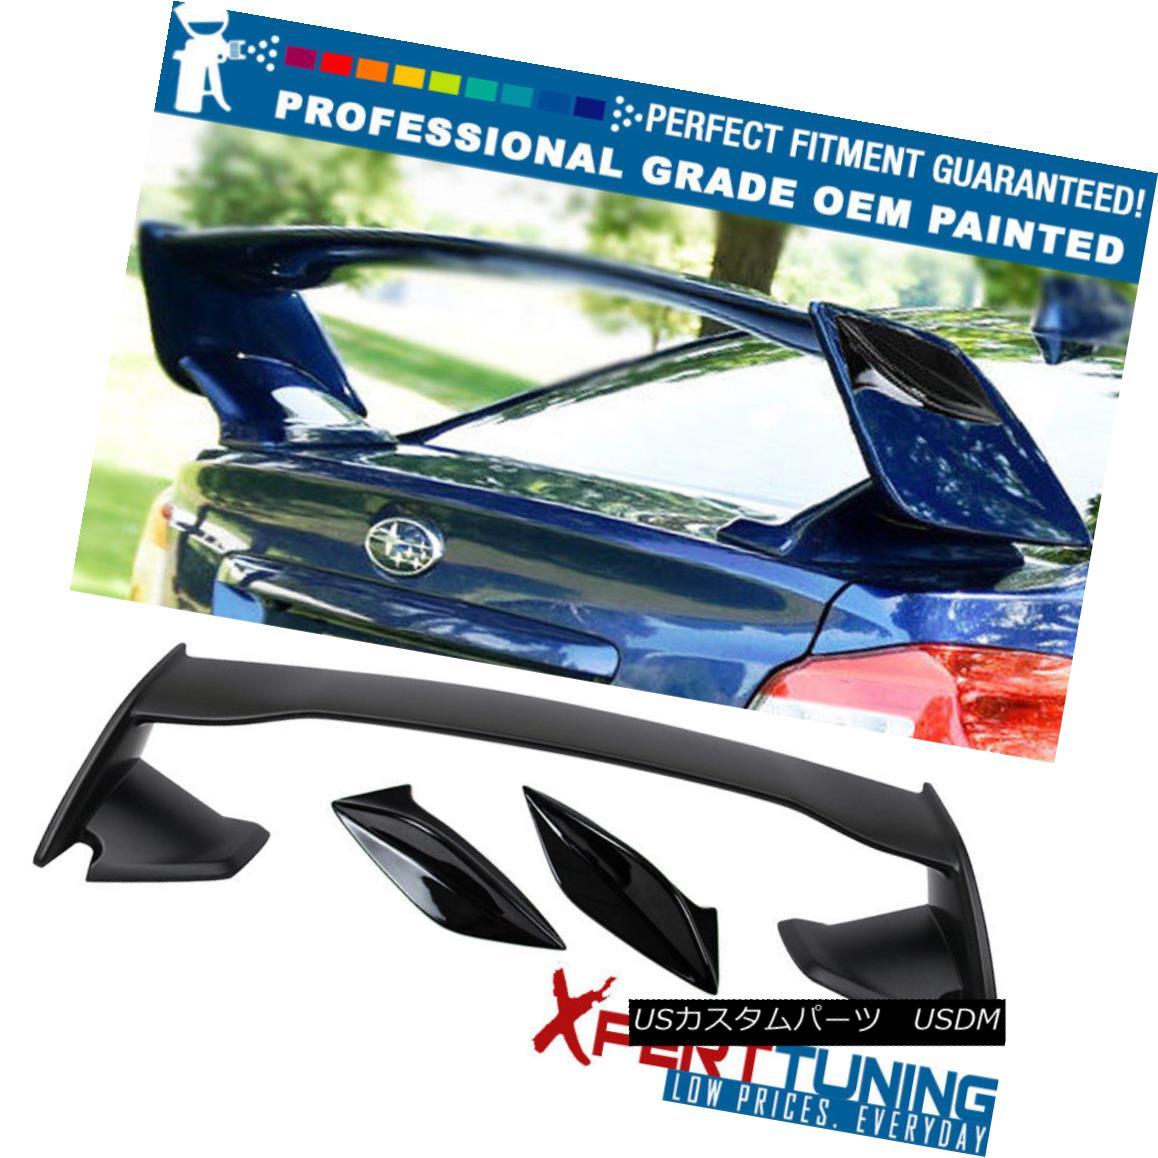 エアロパーツ Fits 15-18 WRX STI OE Trunk Spoiler & Matte Black Side Fin - OEM Painted Color 15-18 WRX STI OEトランク・スポイラー& マットブラックサイドフィン - OEM塗装色